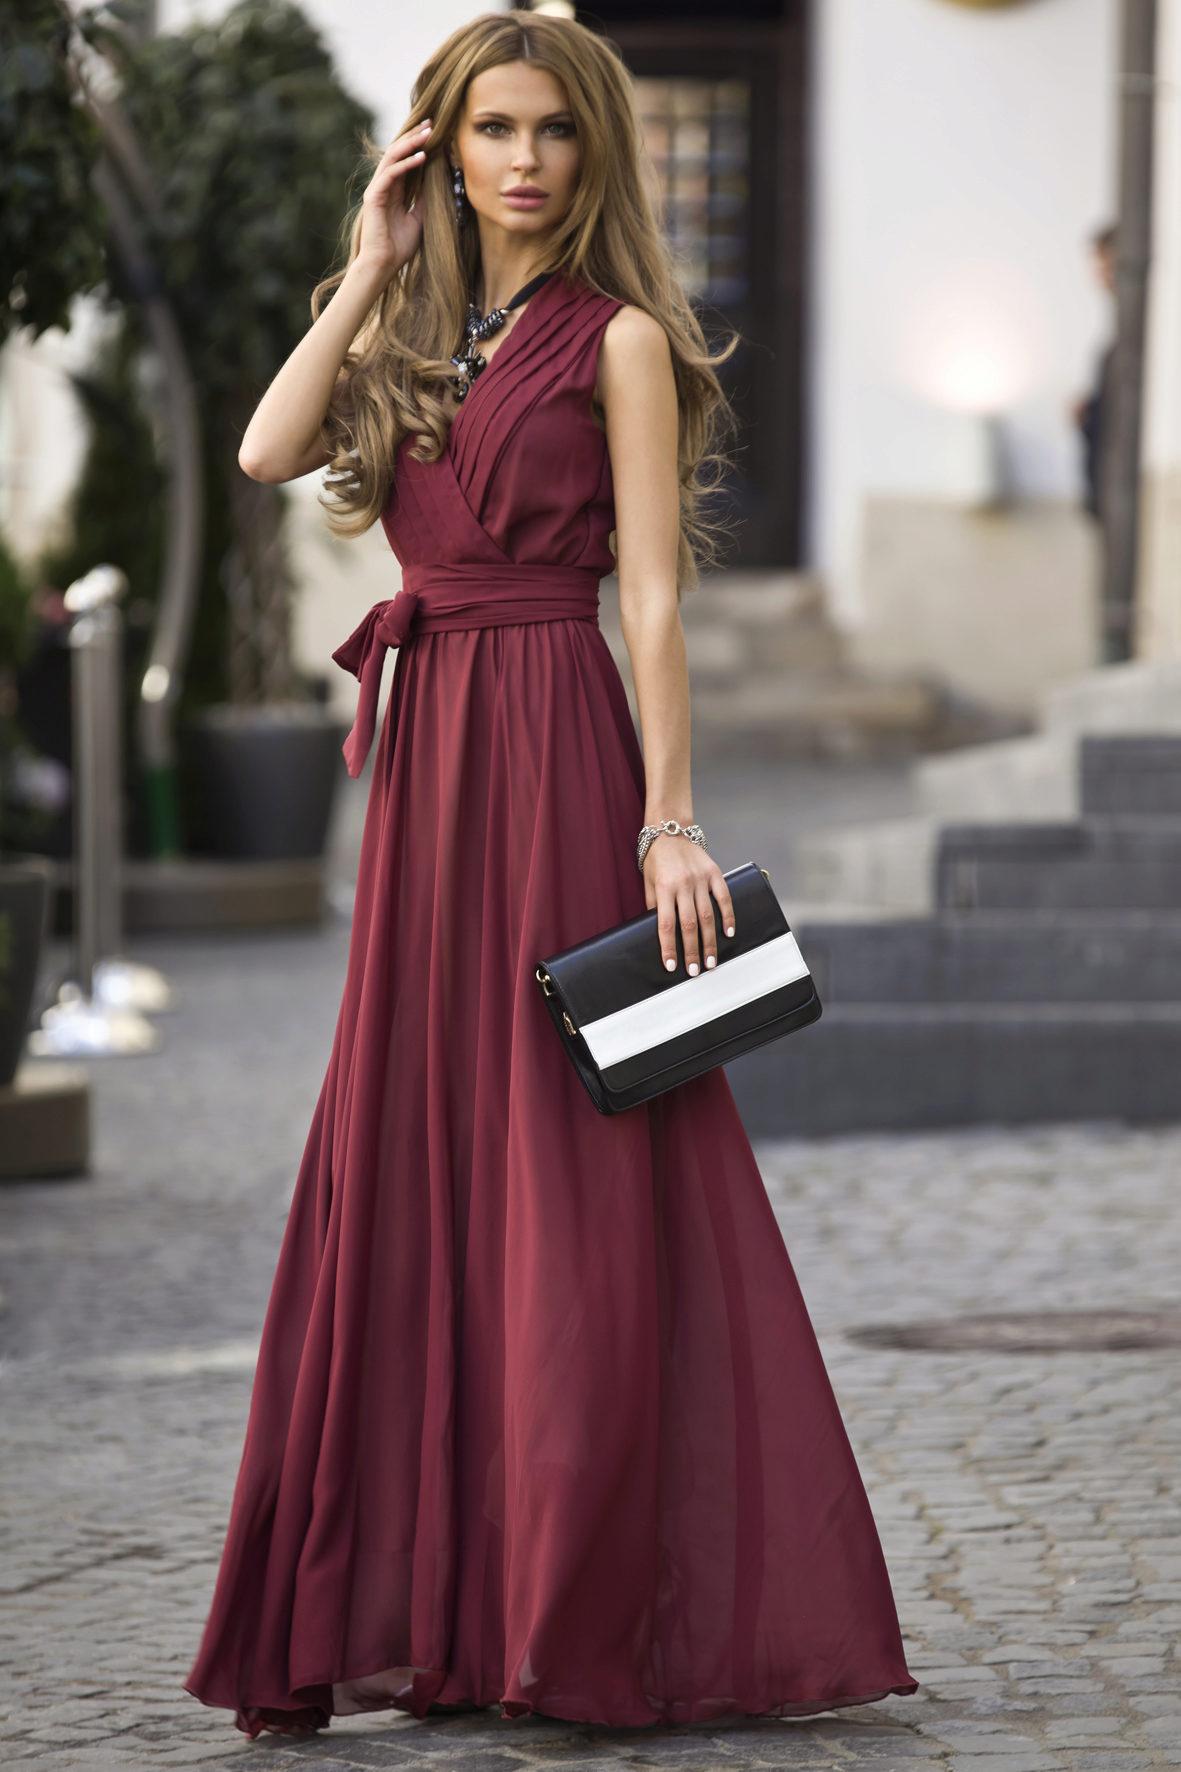 летнее платье фото своими руками